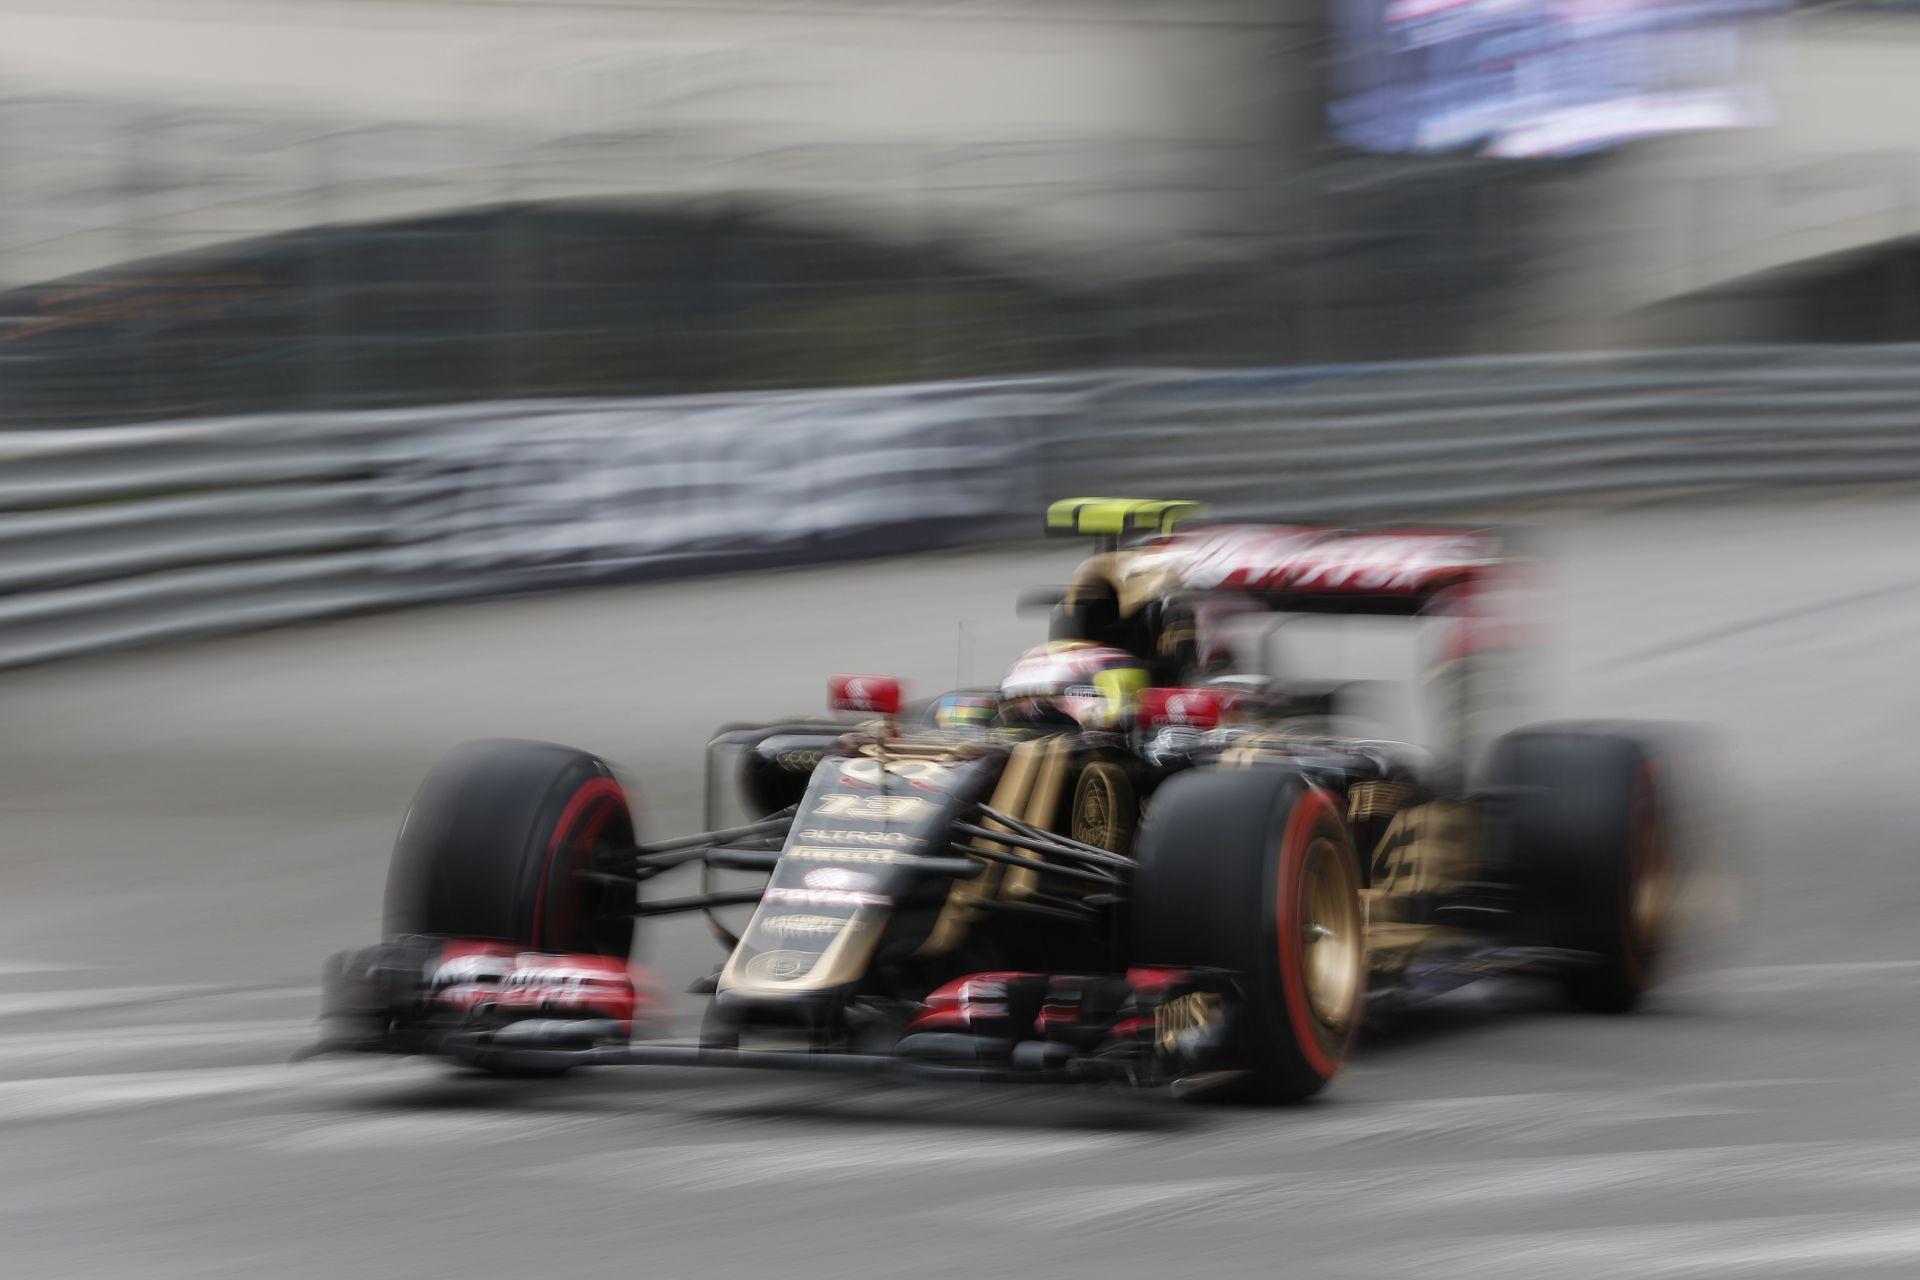 Lotus: Pastor Maldonado, a Monaco specialista visszatért!